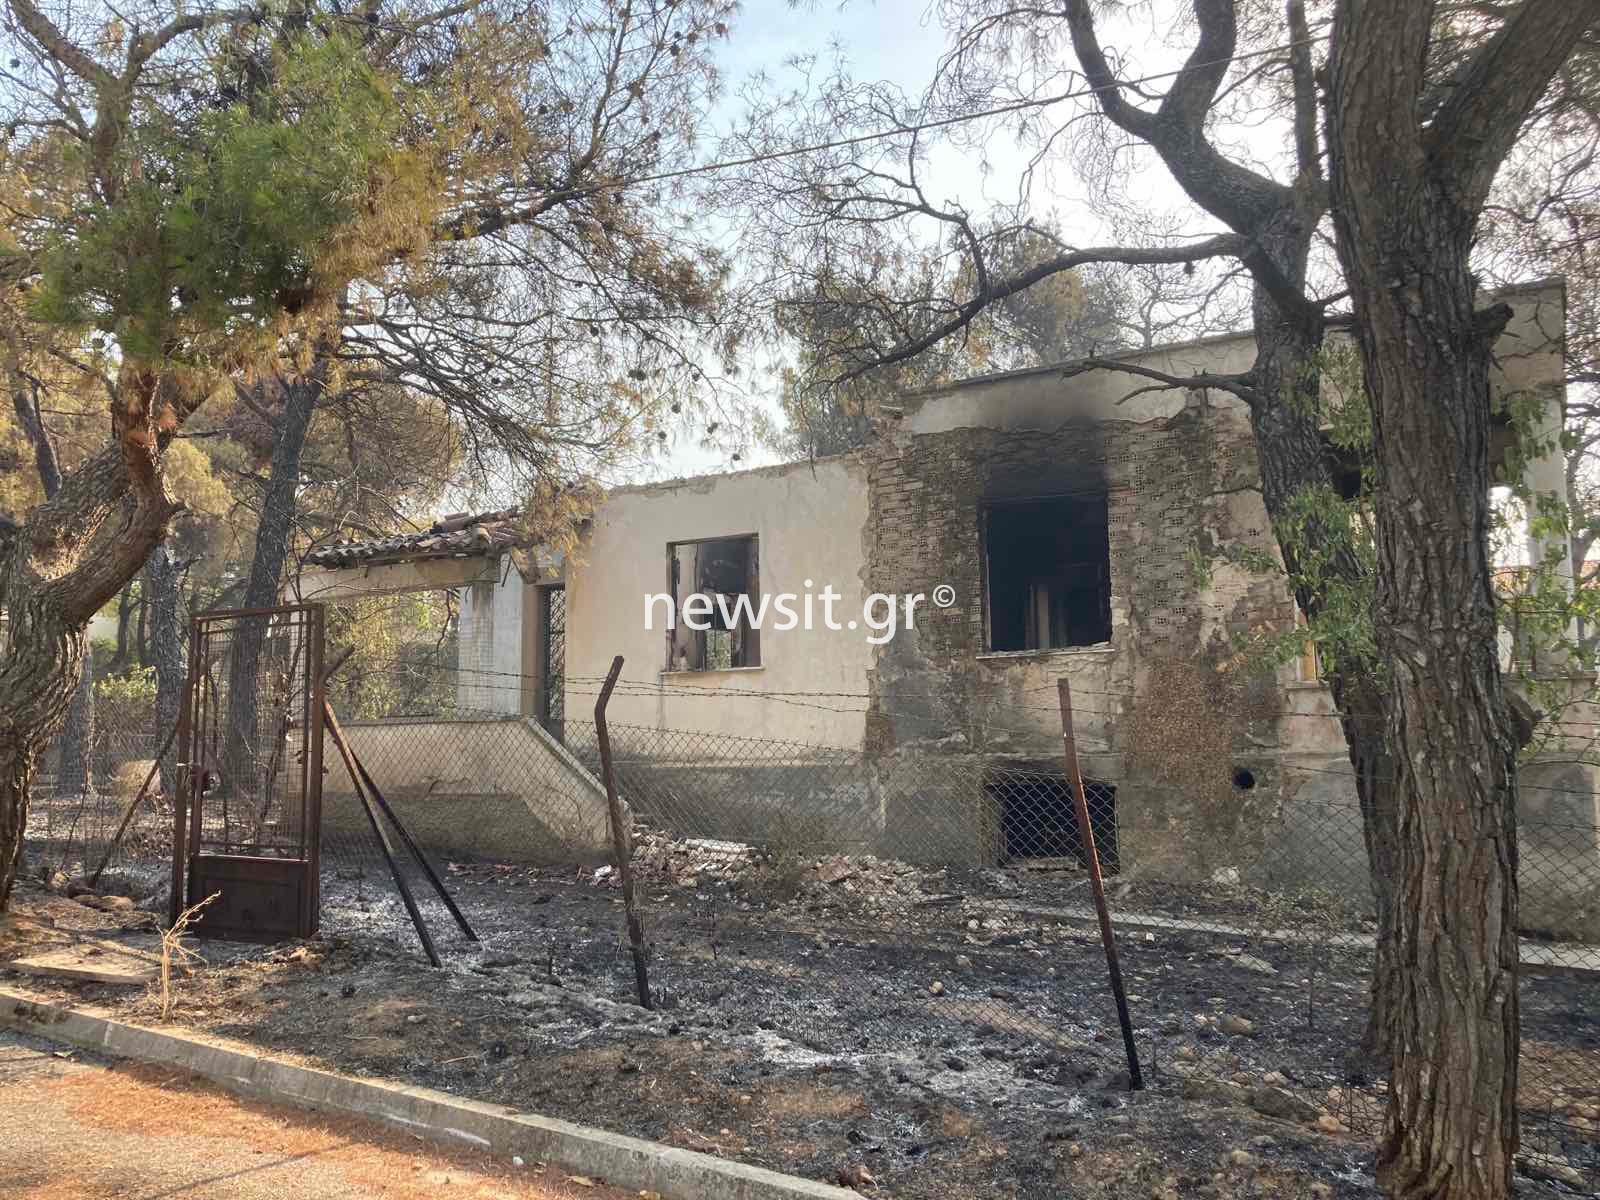 Φωτιά στην Βαρυμπόμπη: Πληροφορίες για 80 καμένα σπίτια – Αφανίστηκαν περιουσίες και μεγάλη δασική έκταση